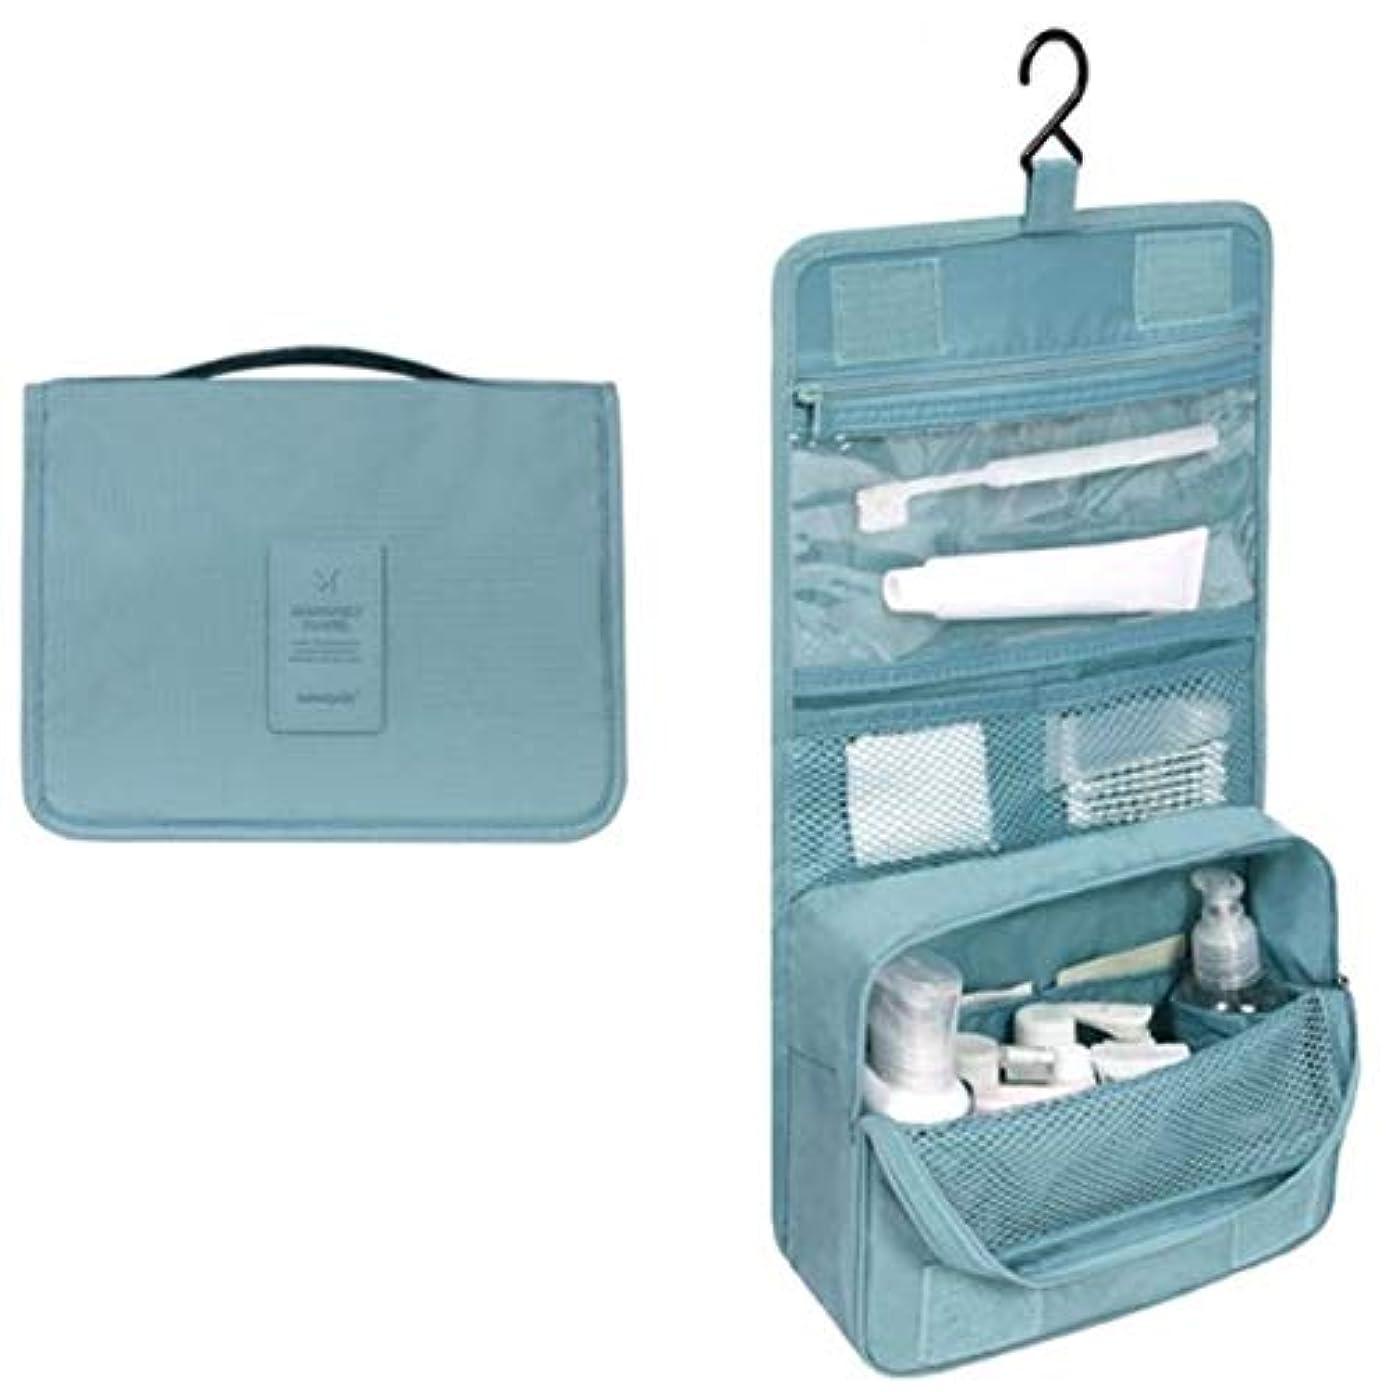 閲覧する空の所有者Yoshilimen 防水ベジタリアンメイクアップトートバッグ化粧品バッグ(None Picture Color)